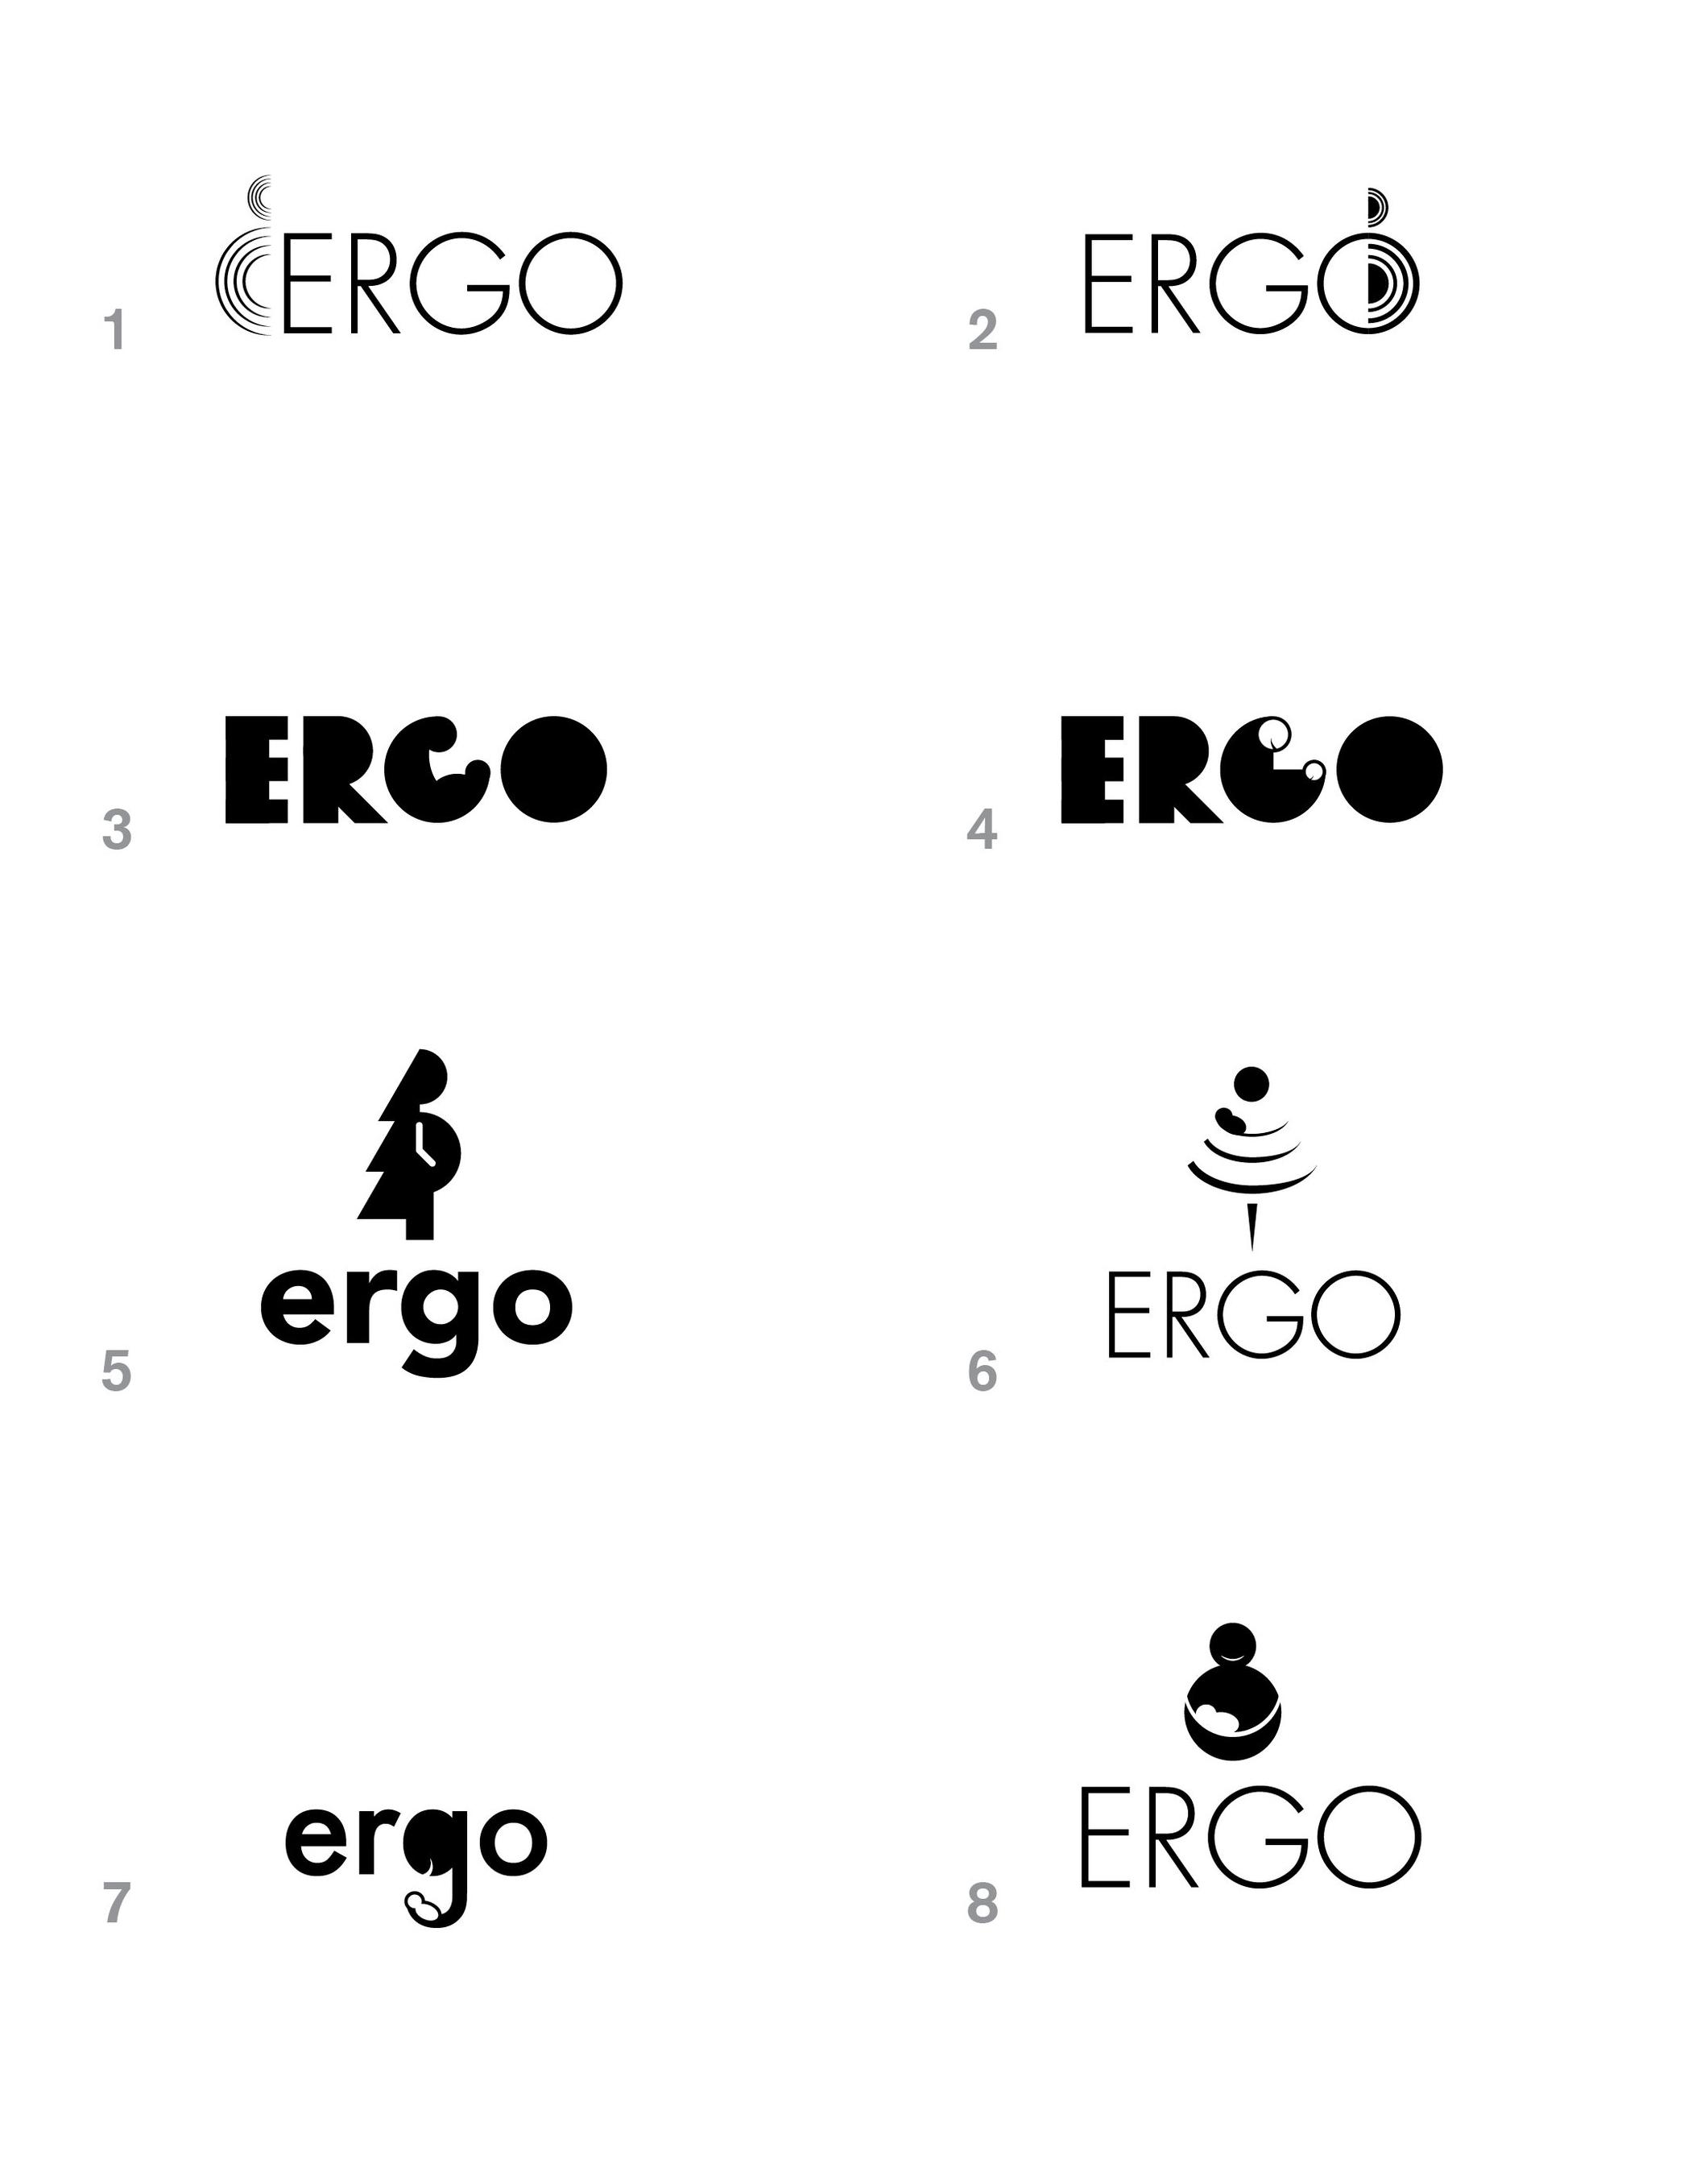 Ergo_Revised.jpg